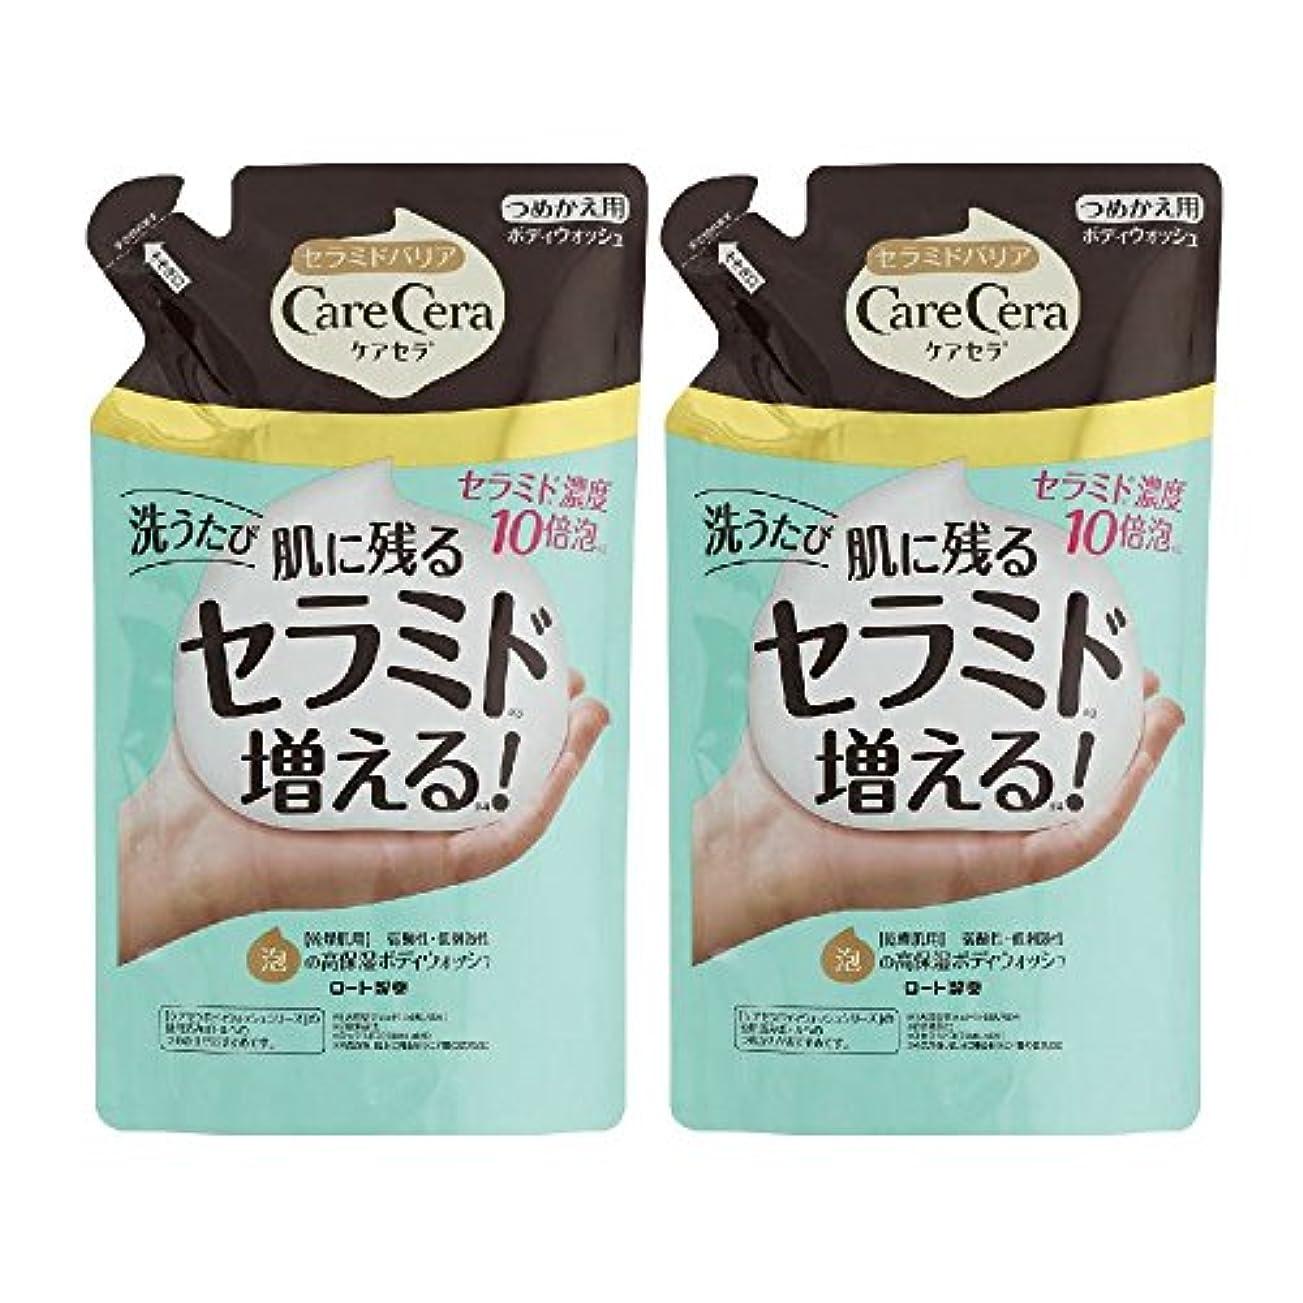 放射性マインド震えるケアセラ(CareCera) ケアセラ (CareCera) 泡の高保湿 ボディウォッシュ ピュアフローラルの香り (つめかえ用) ※セバメドモイスチャーローション10mlサンプル付き 350mL×2個 +サンプル付き